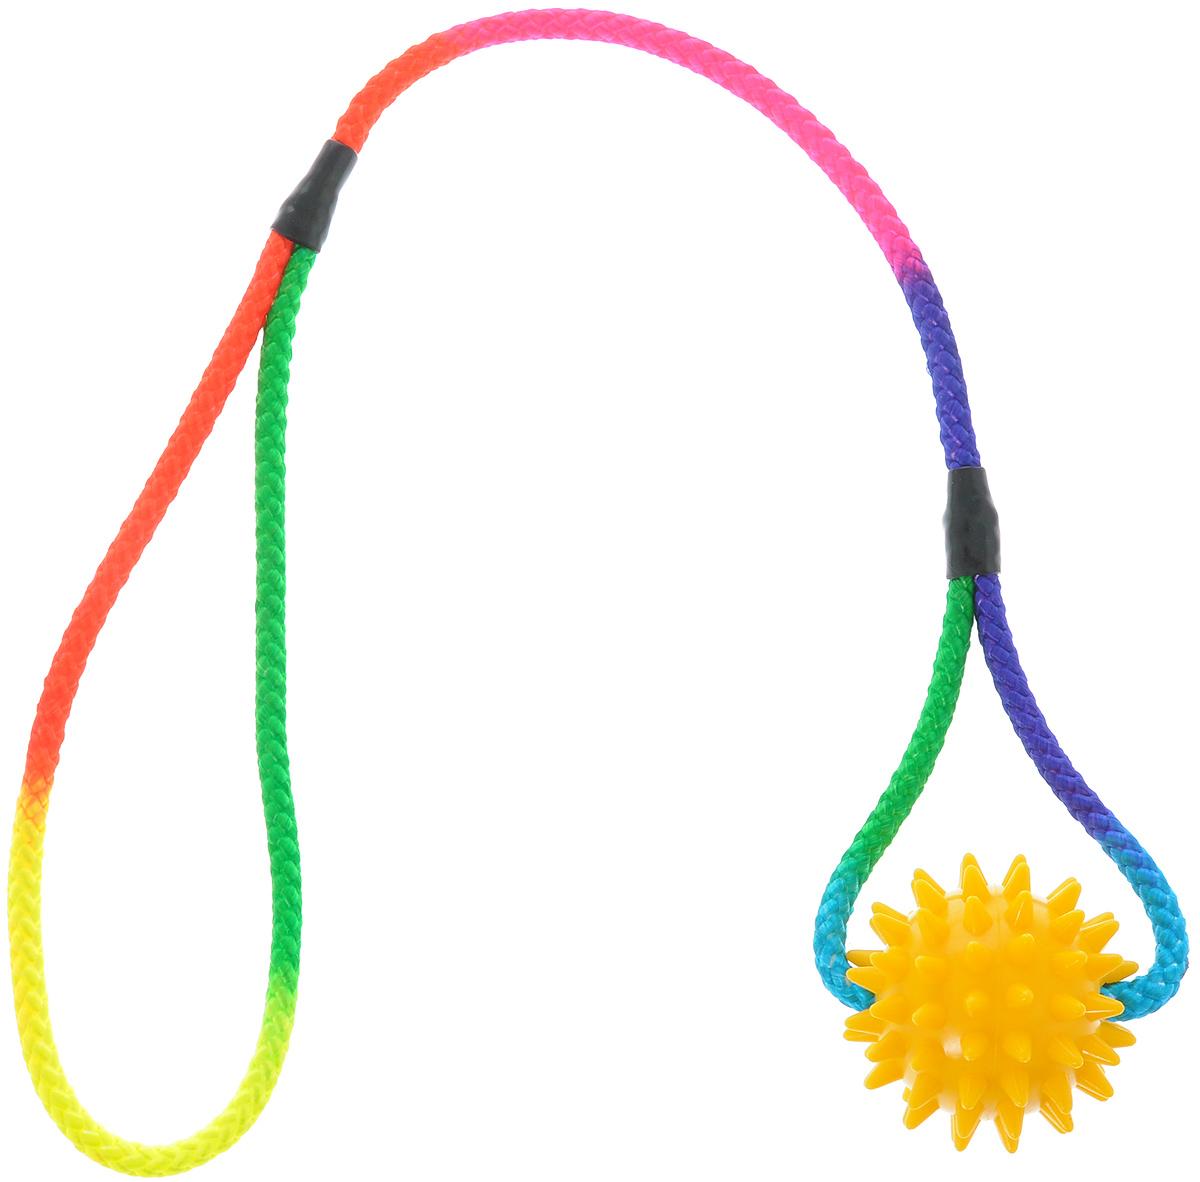 Игрушка для собак V.I.Pet Массажный мяч, на шнуре, цвет: желтый, диаметр 5,5 см770550_желтыйИгрушка для собак V.I.Pet Массажный мяч, изготовленная из ПВХ, предназначена для массажа и самомассажа рефлексогенных зон. Она имеет мягкие закругленные массажные шипы, эффективно массирующие и не травмирующие кожу. Сквозь мяч продет шнур. Игрушка не позволит скучать вашему питомцу ни дома, ни на улице. Диаметр: 5,5 см. Длина шнура: 50 см.